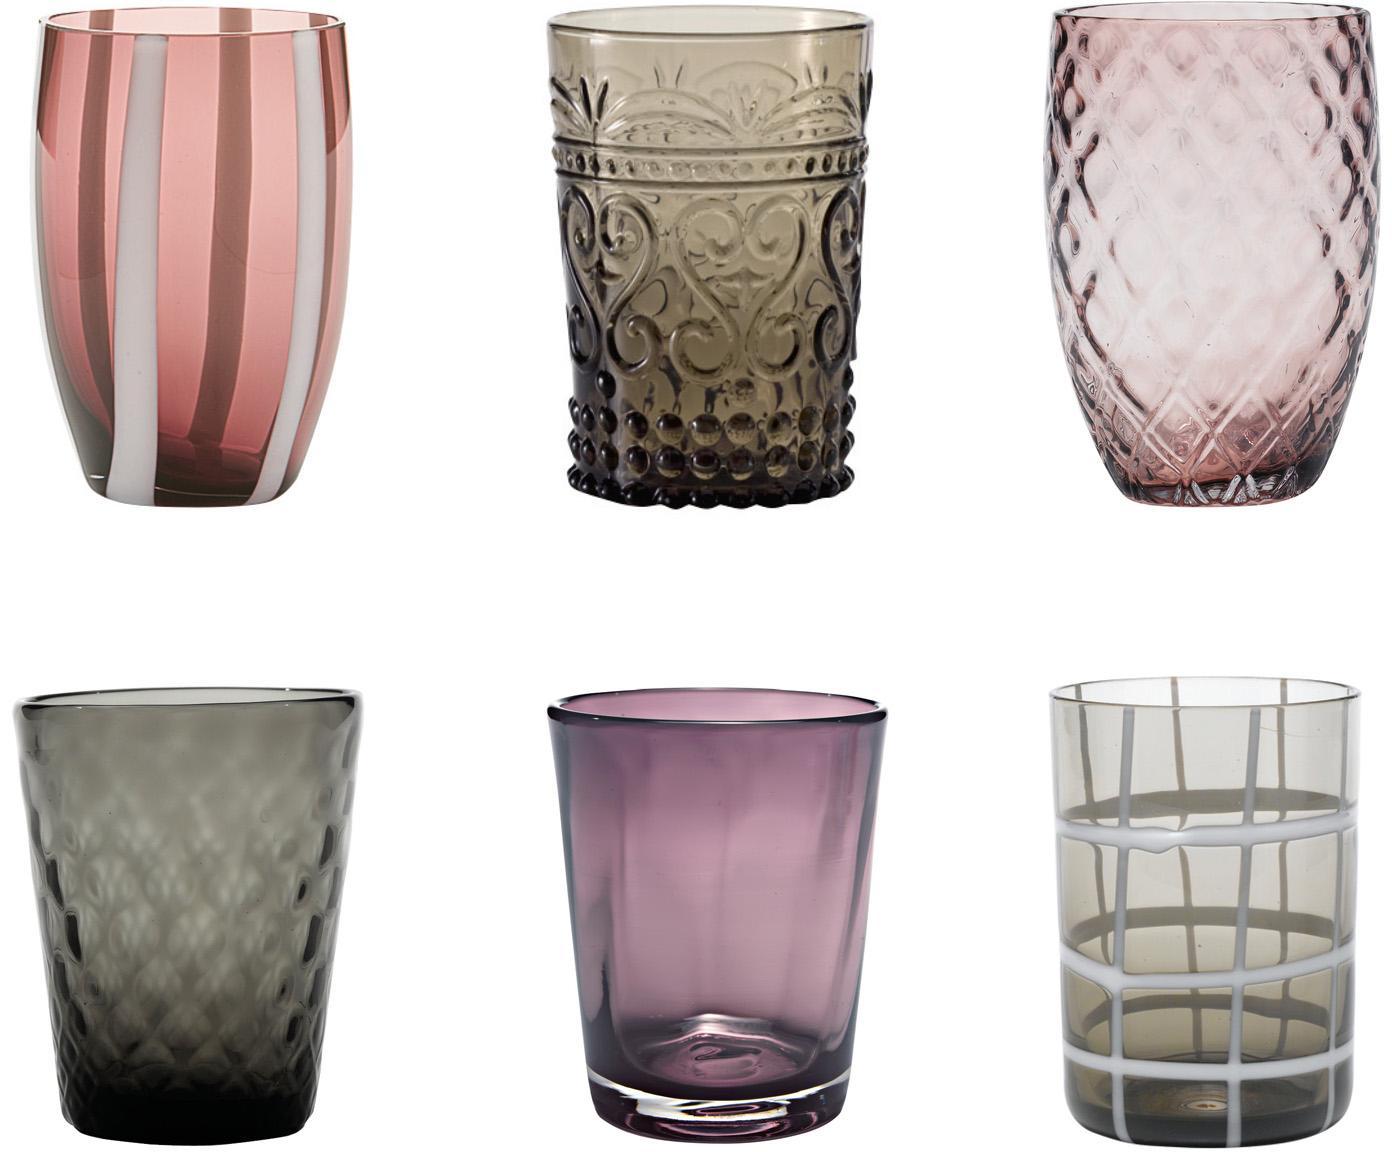 Wassergläser-Set Melting mit verschiedenen Mustern, 6-tlg, Glas, Grau- und Lilatöne, Sondergrößen